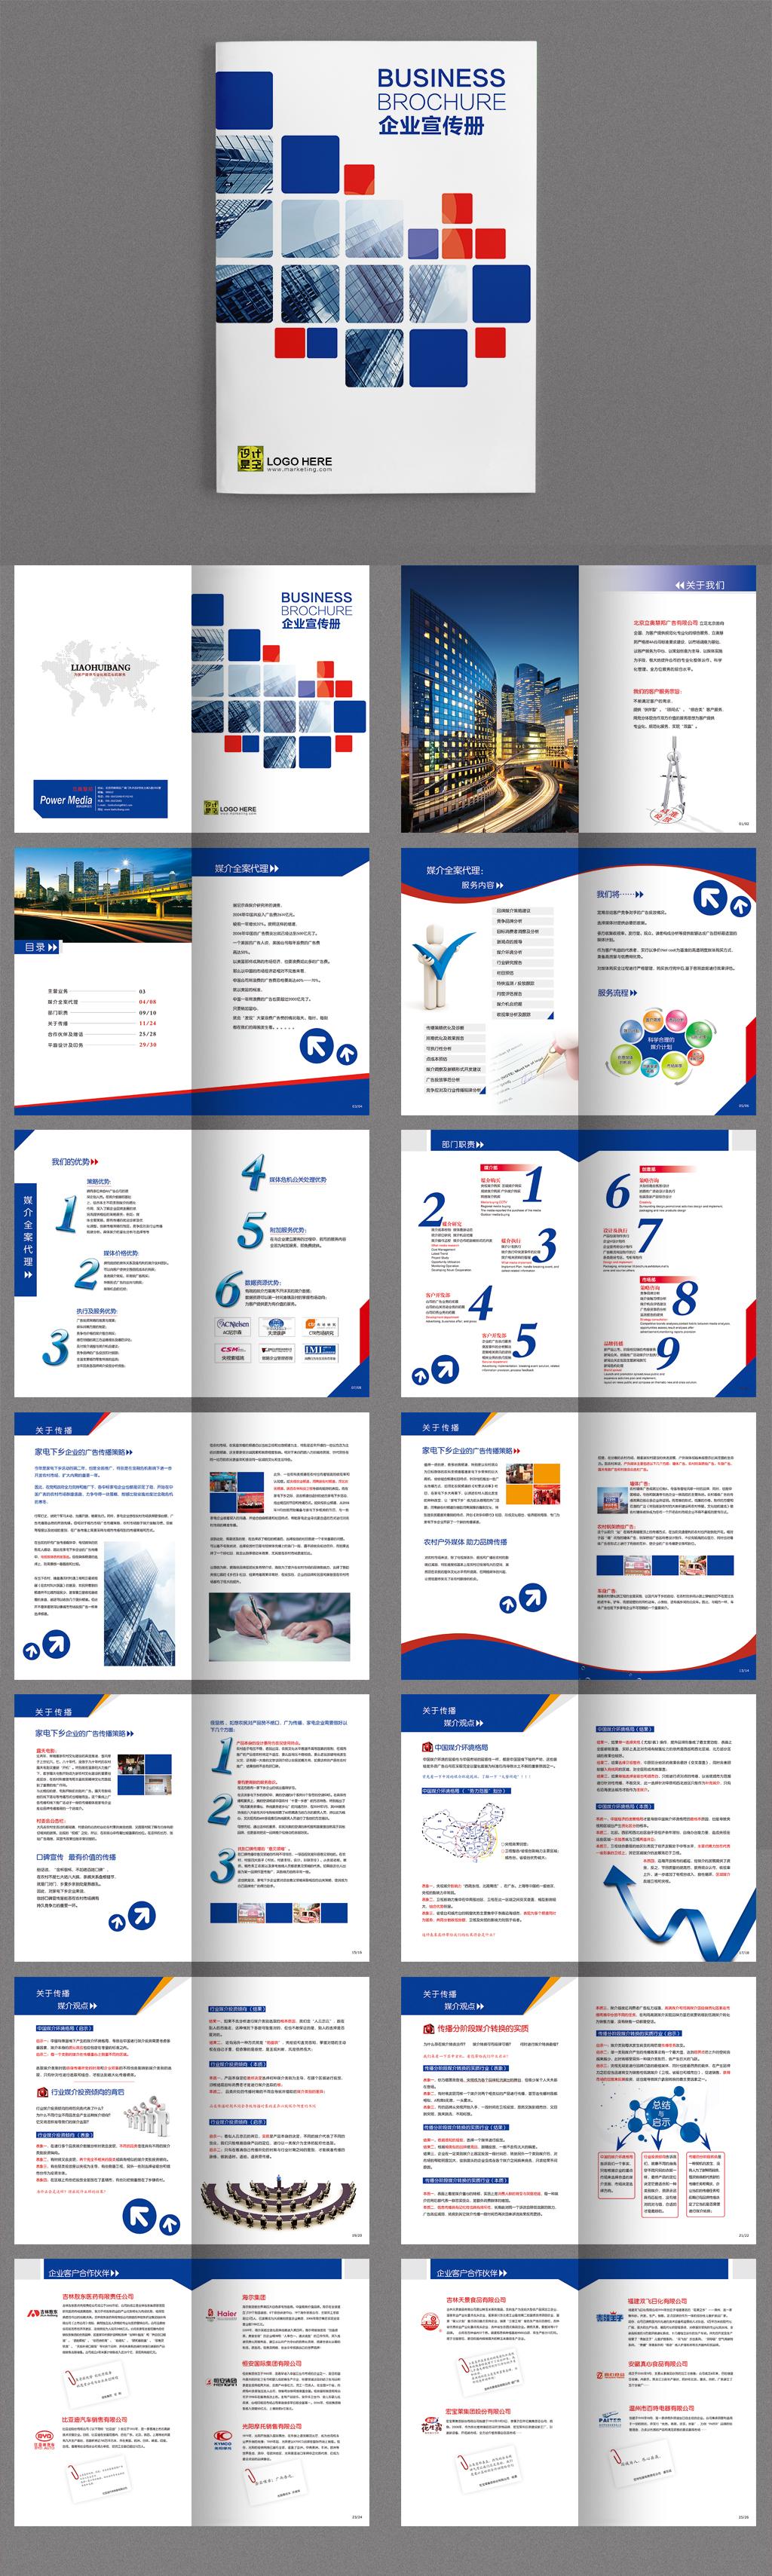 43套企业宣传册产品画册杂志排版作品集psd设计模板素材源文件